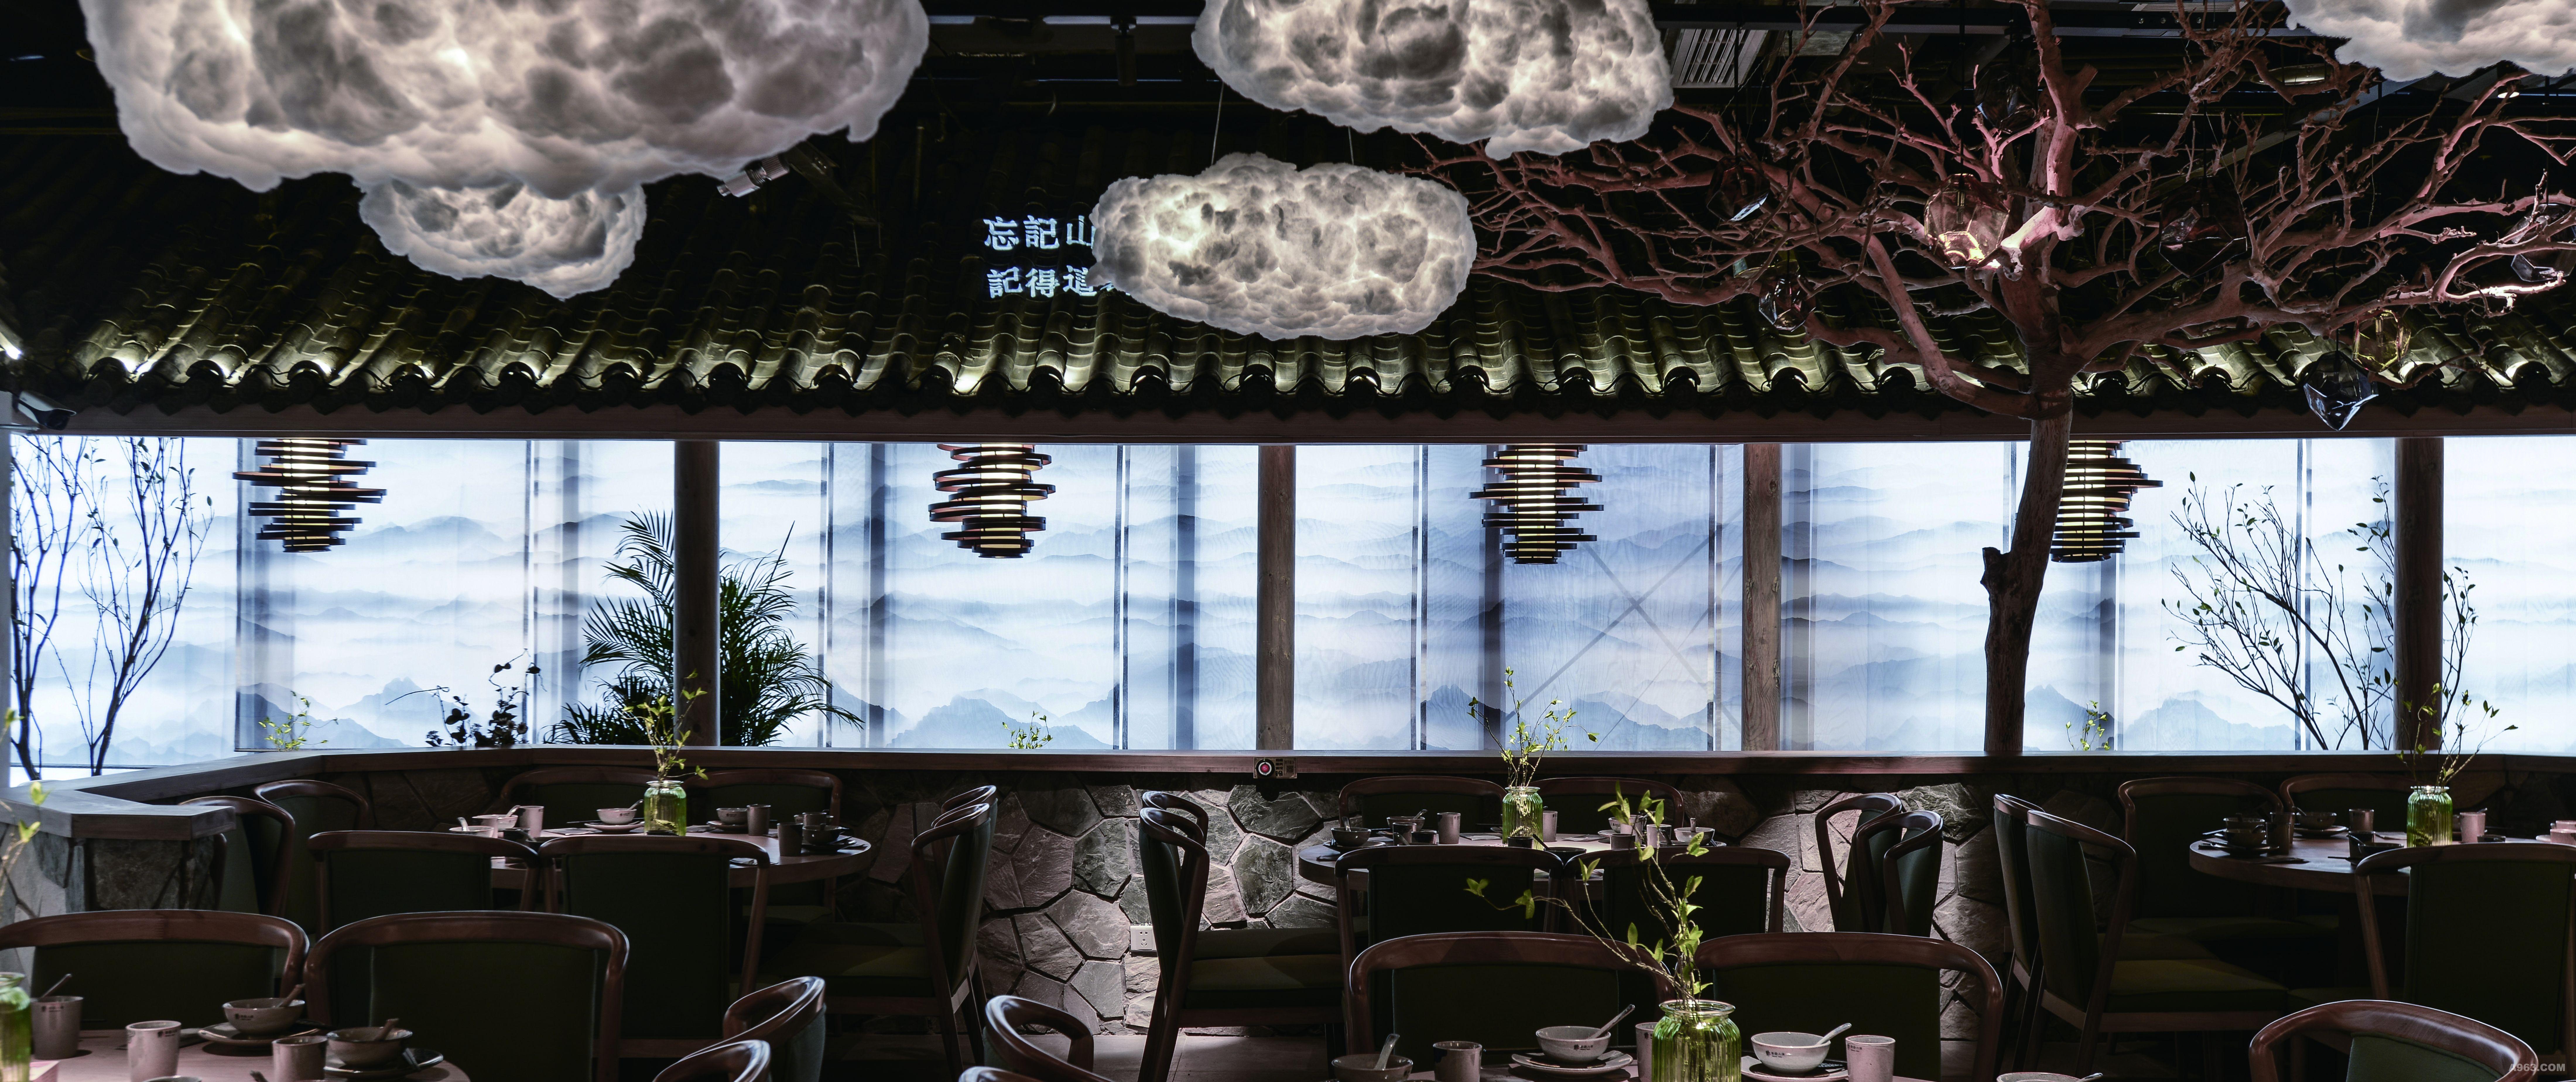 重庆苗厨·食忆-餐饮空间